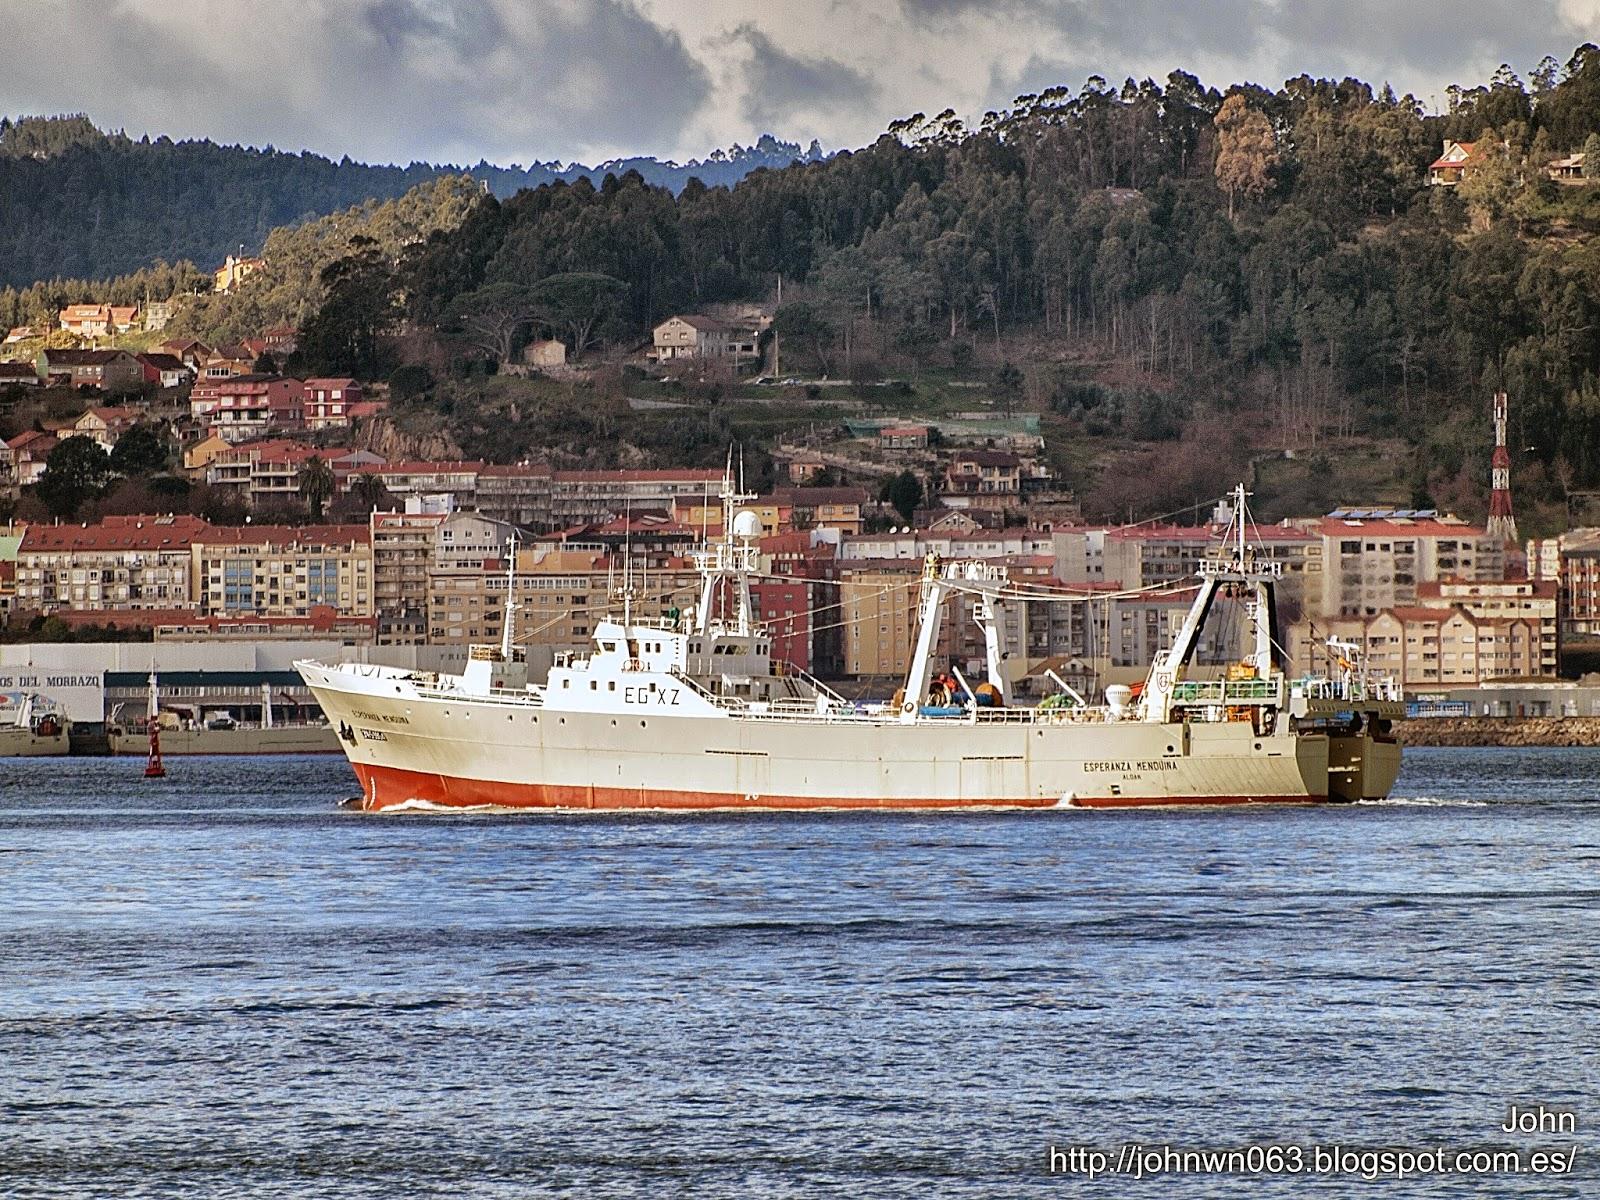 fotos de barcos, imagenes de barcos, esperanza menduiña, hermanos gandón, cangas, vigo